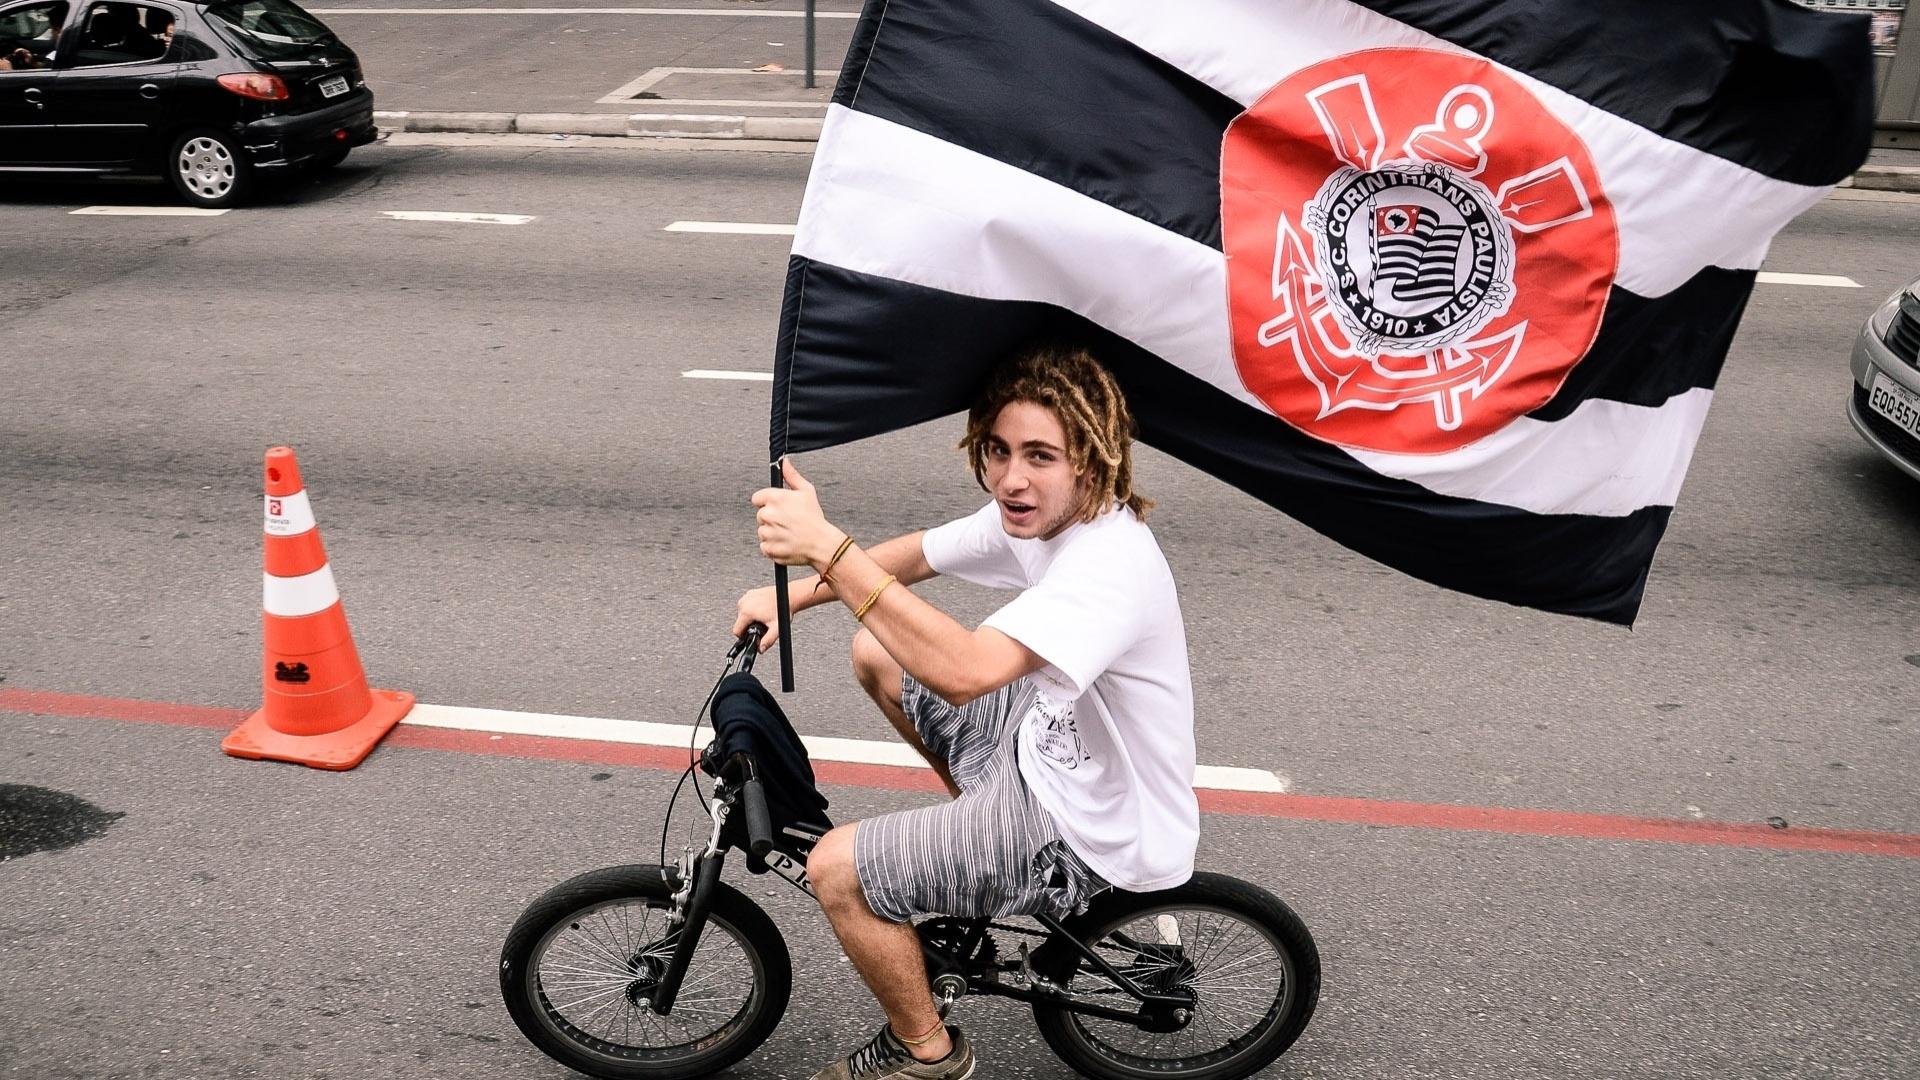 16.dez.2012 - Corintiano anda de bicicleta na ciclovia da Avenida Paulista e carrega bandeira do clube em comemoração do título